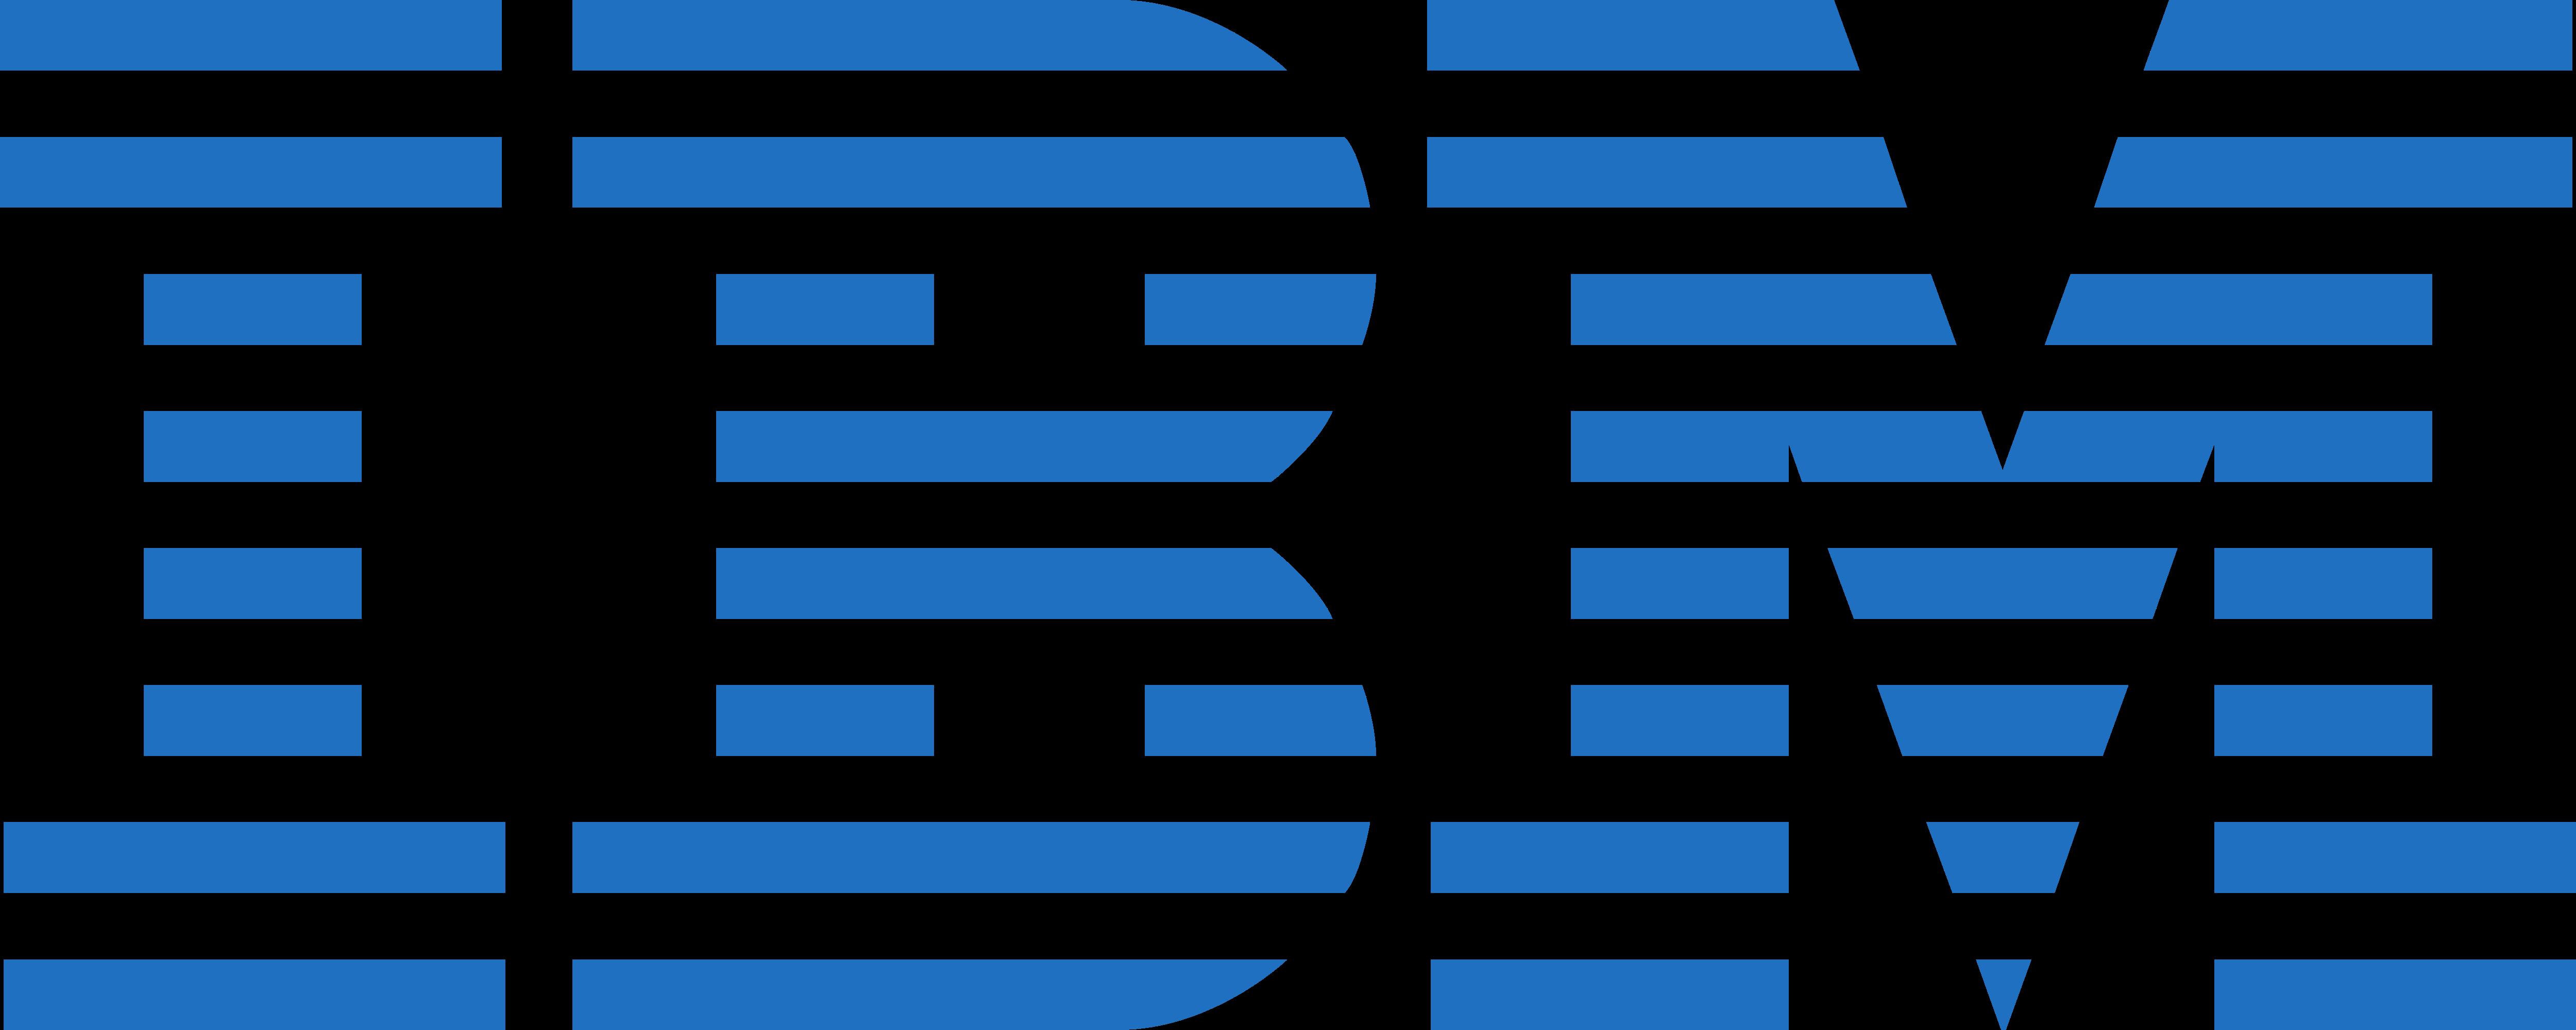 IBM_logo_logotype_emblem.png